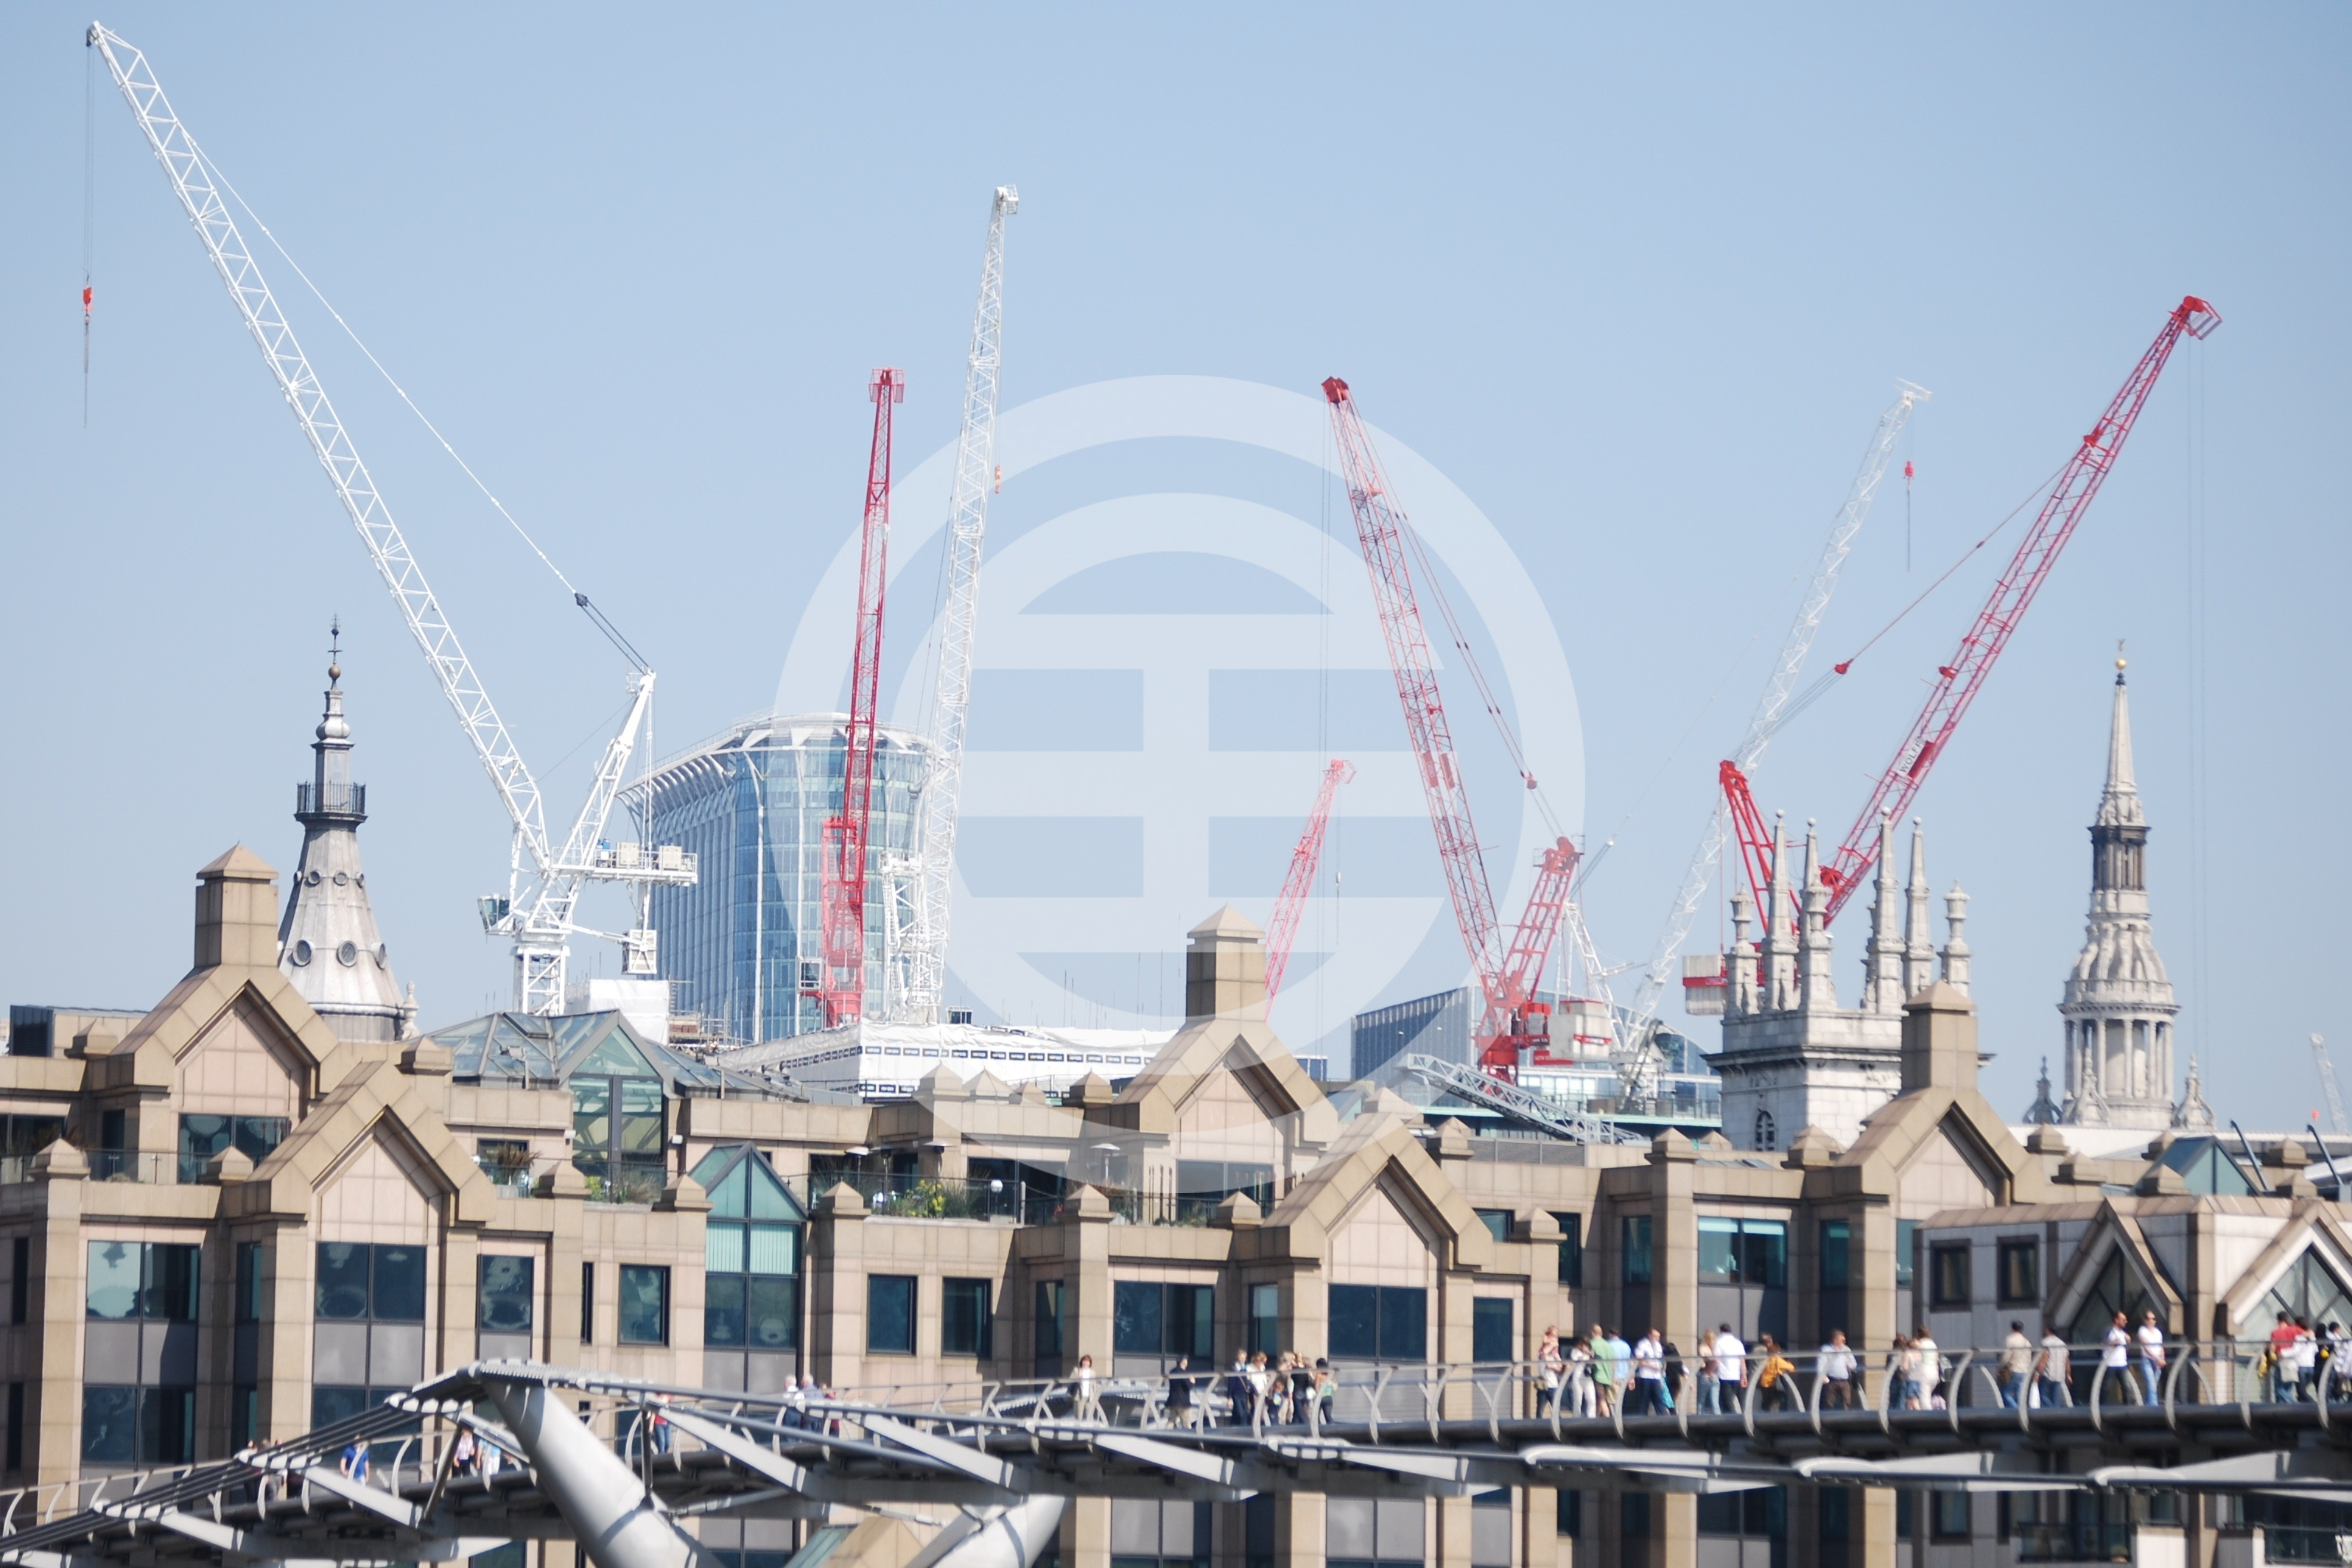 英国近日公布的一份报告提议优先预留新建的住房给英国本国人,限制外国U乐国际娱乐者的买房比例